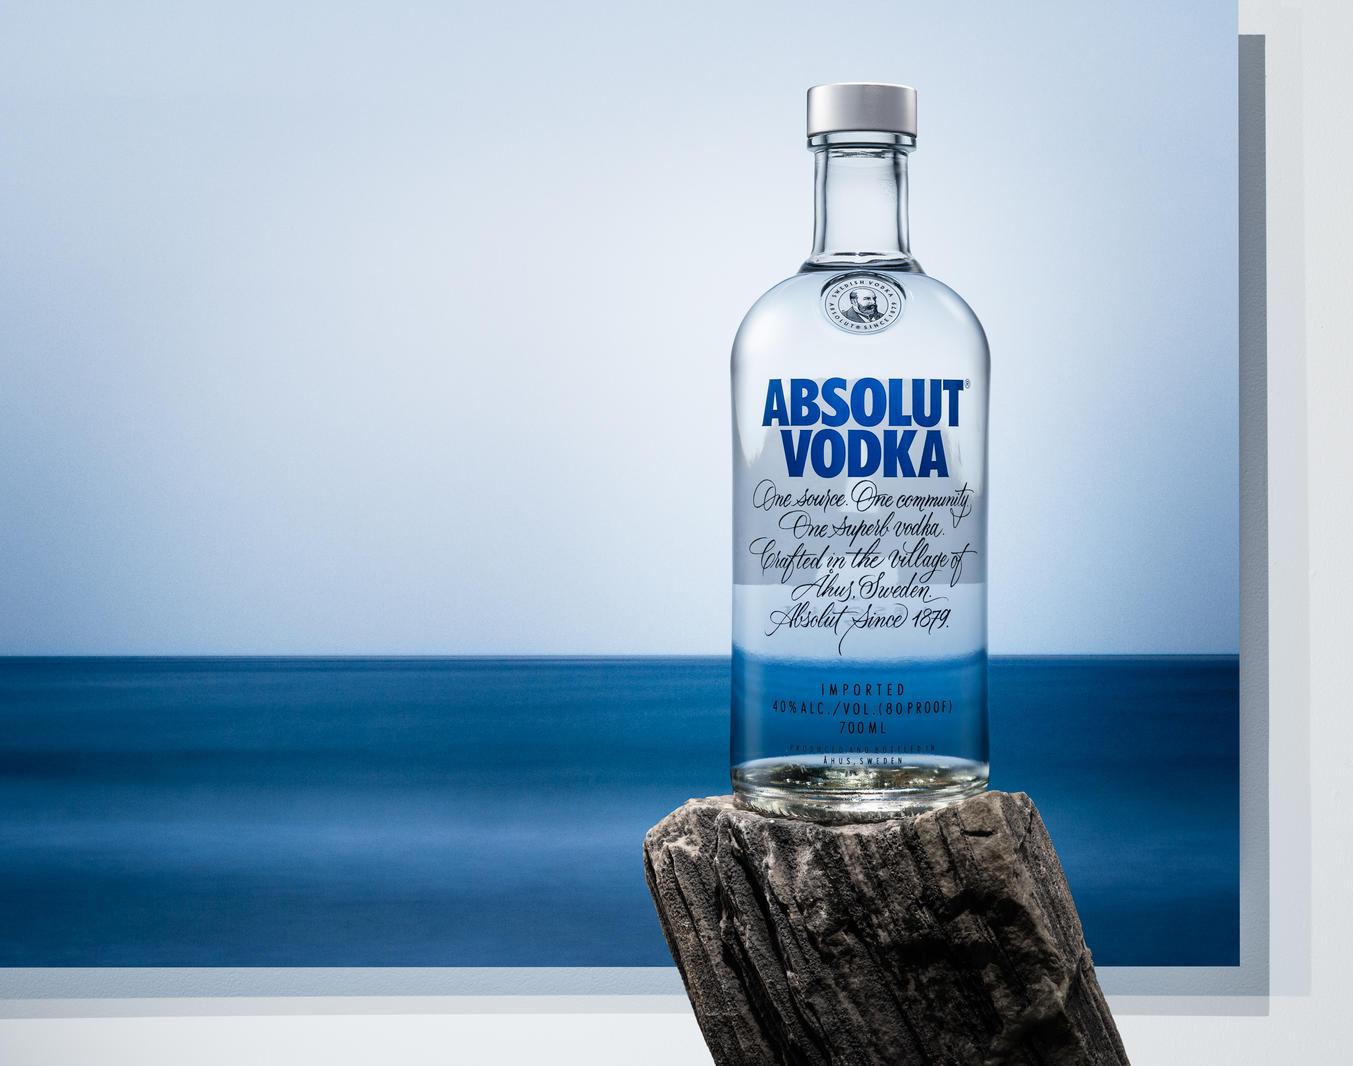 Absolut Vodka Landscap: Smoothest Vodka brands